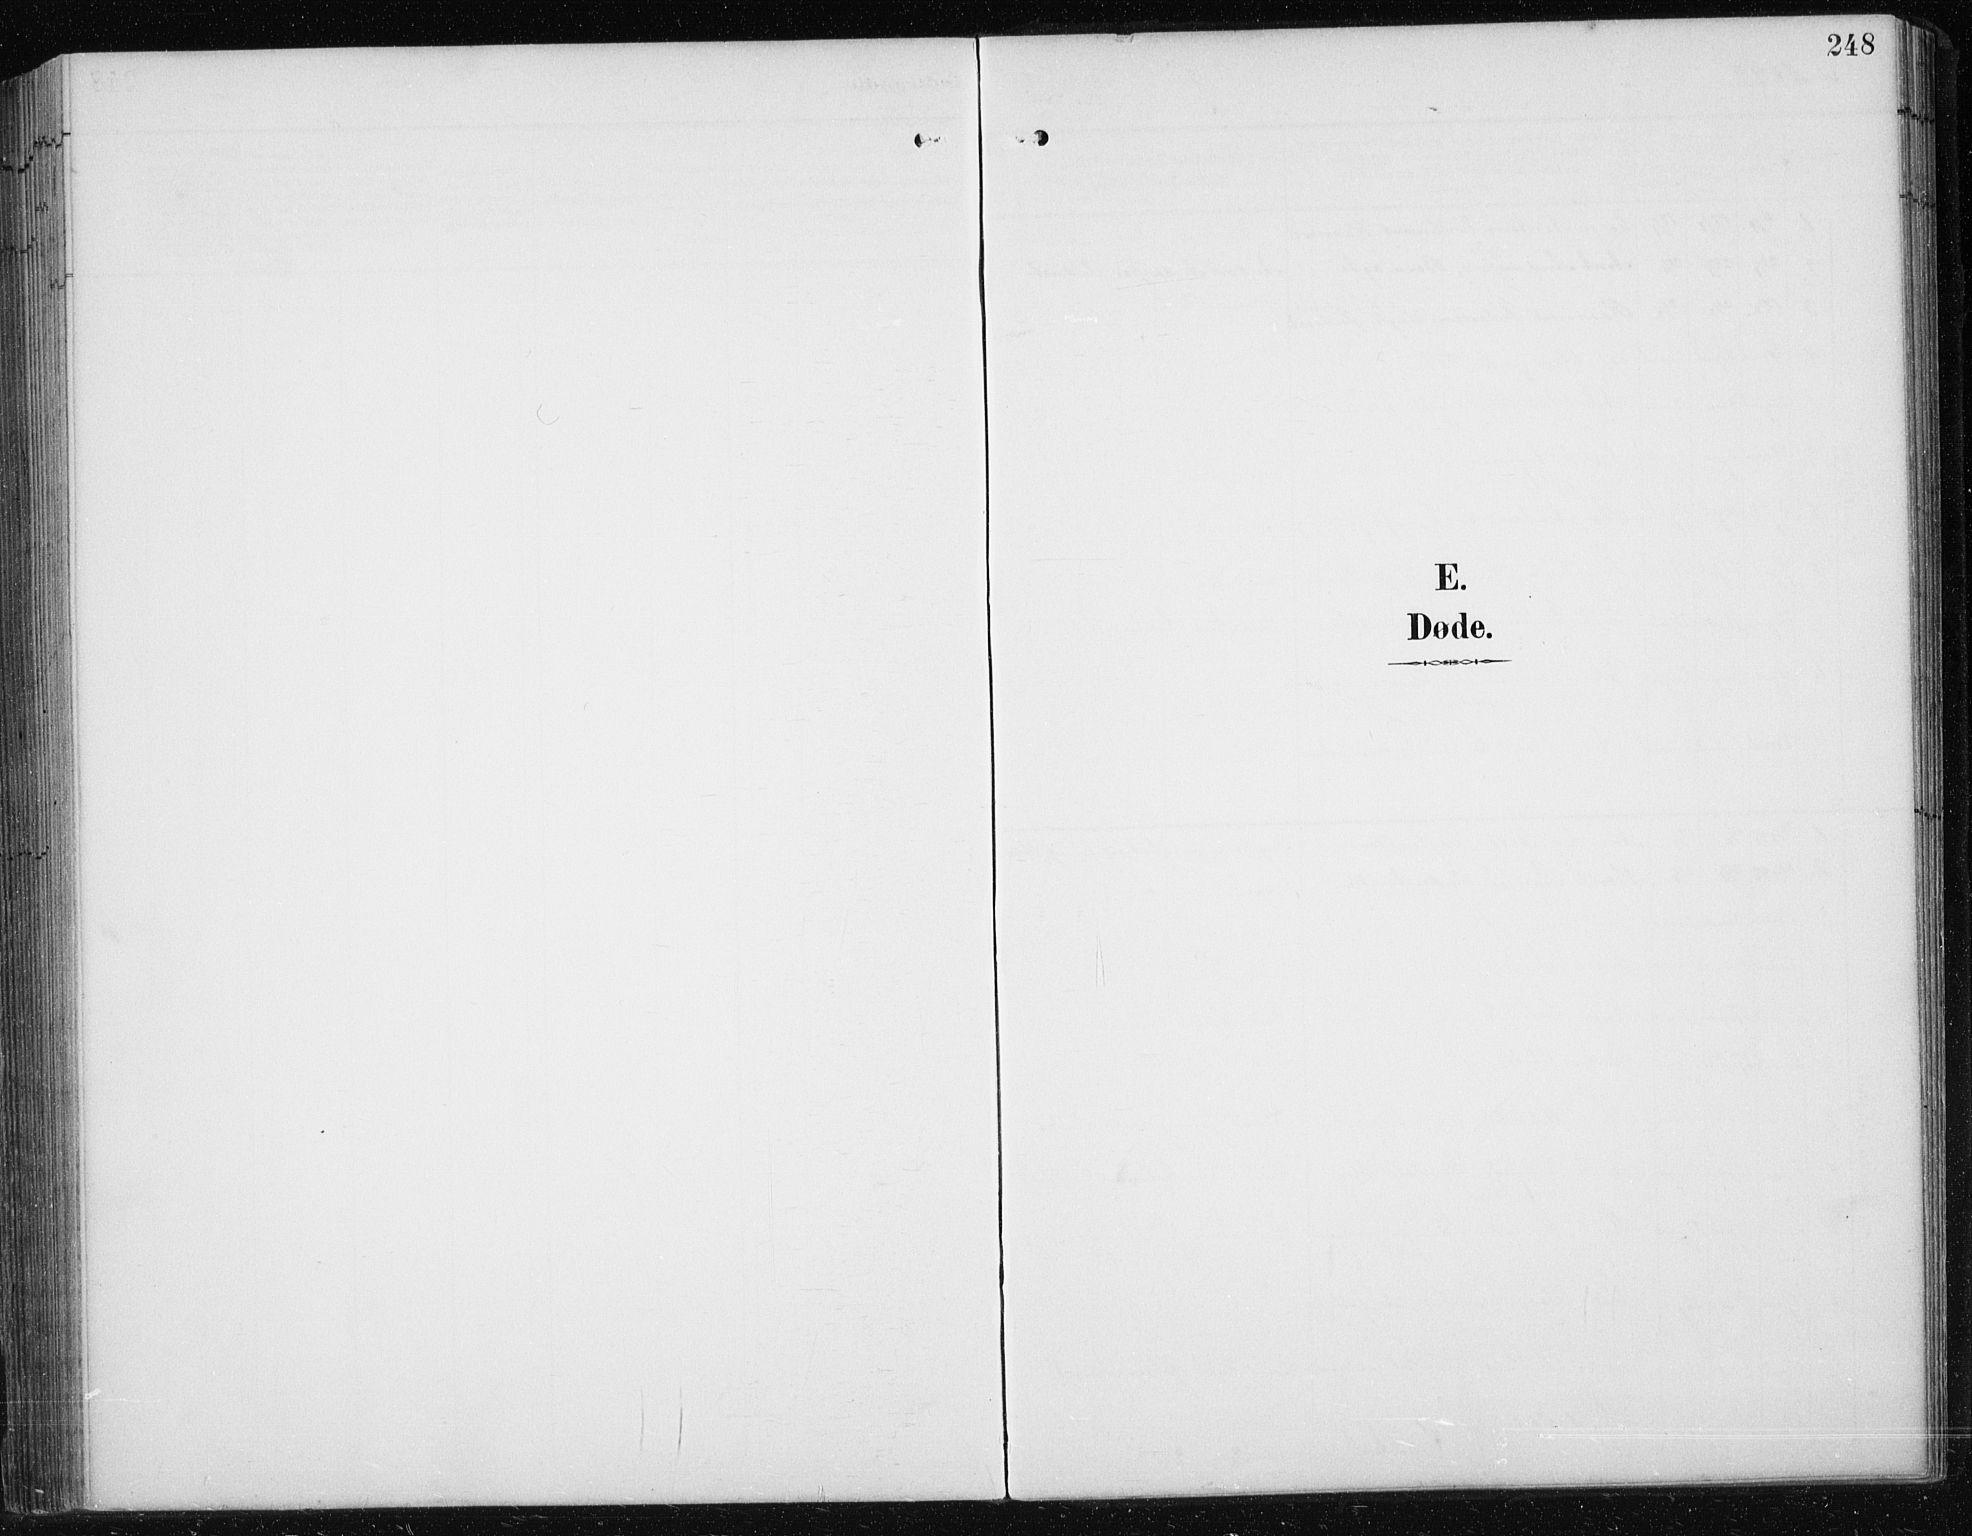 SAT, Ministerialprotokoller, klokkerbøker og fødselsregistre - Sør-Trøndelag, 674/L0876: Klokkerbok nr. 674C03, 1892-1912, s. 248